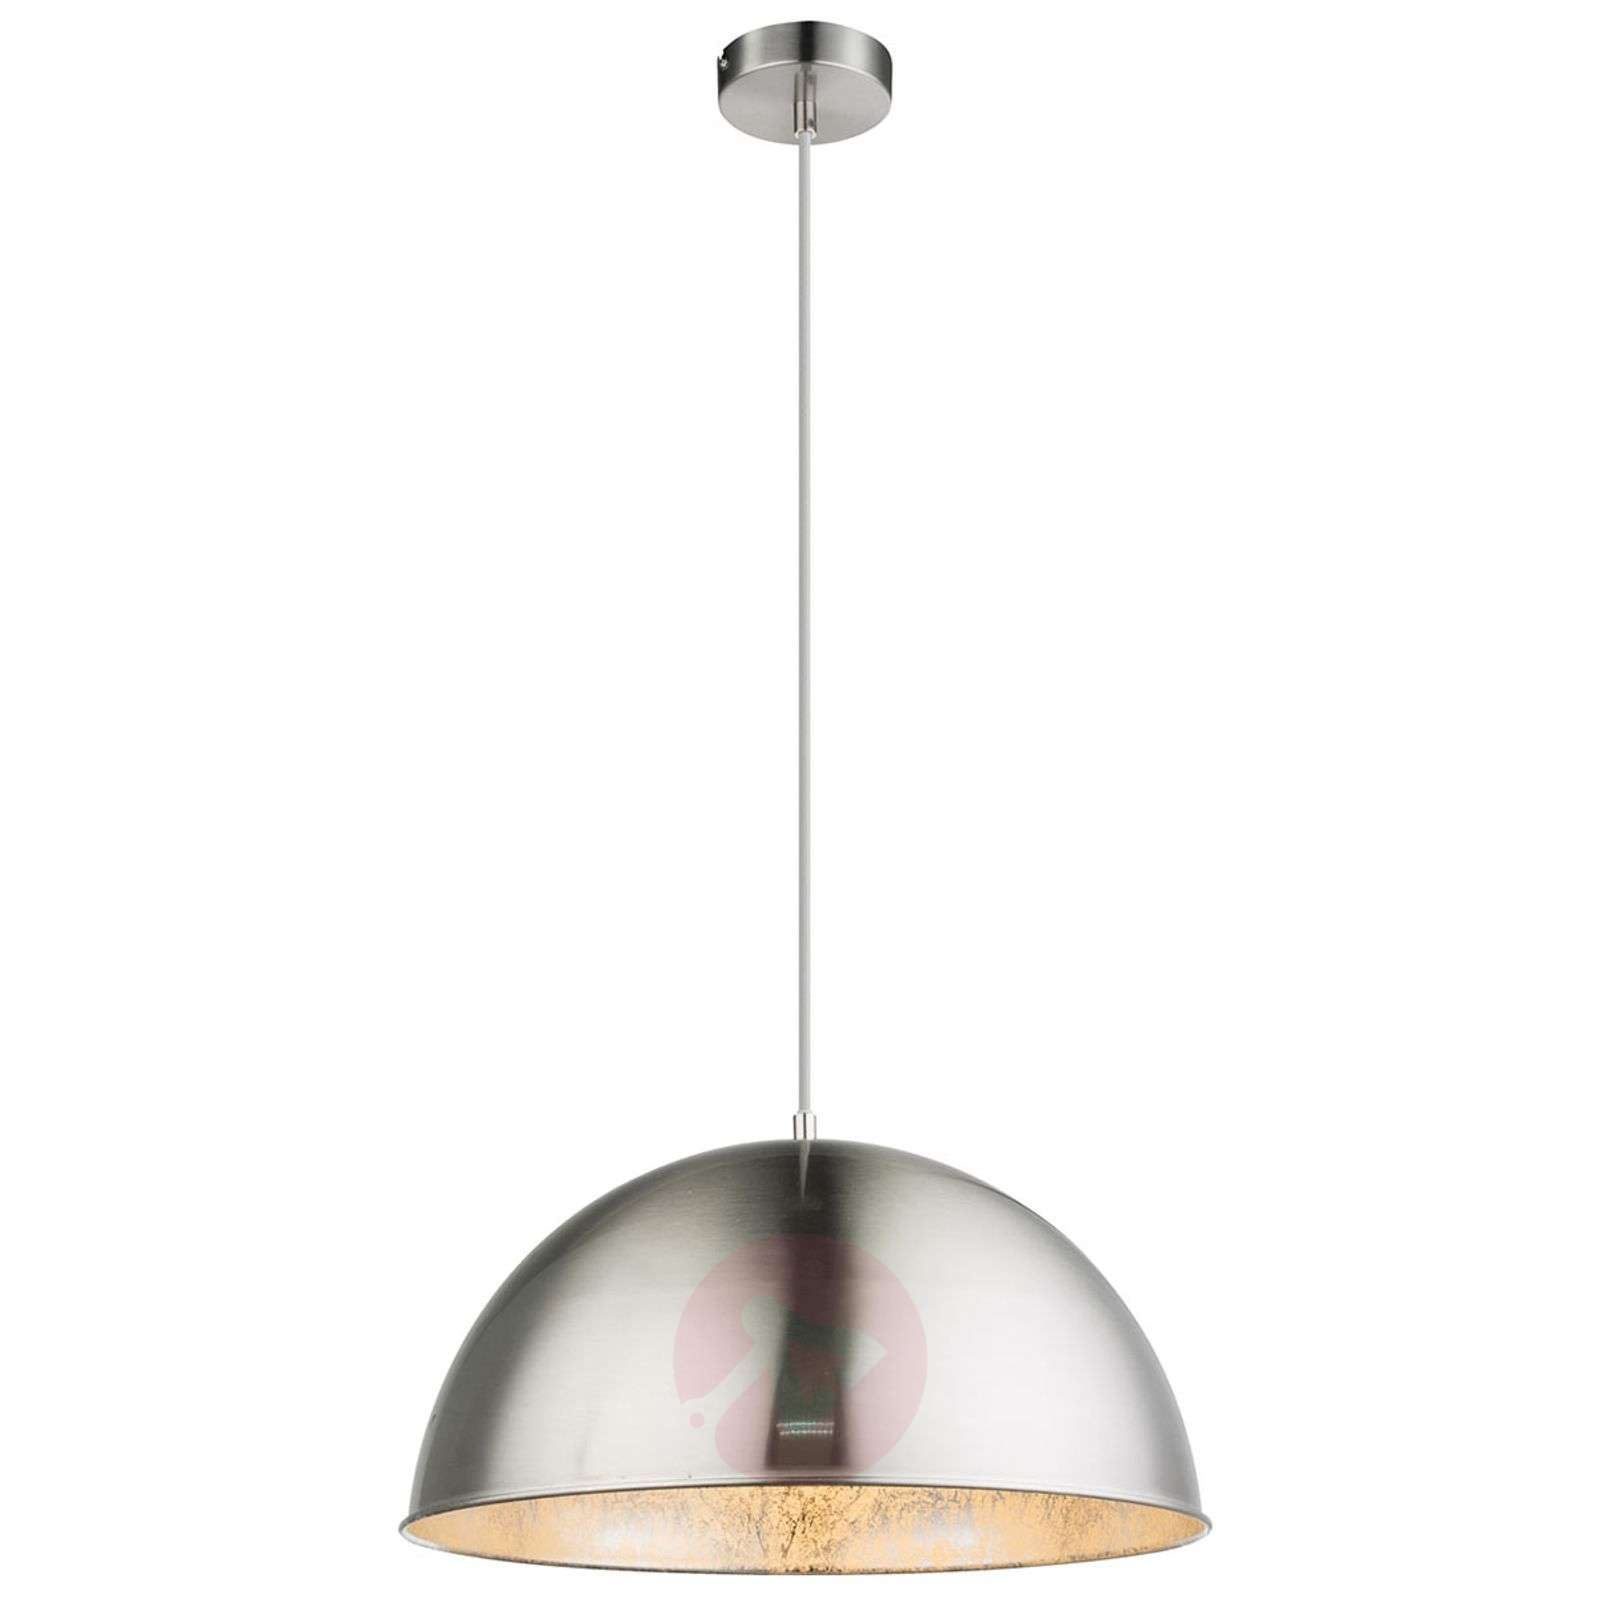 Metallinen riippuvalaisin Nosy, nikkeli/hopea-4015066-01